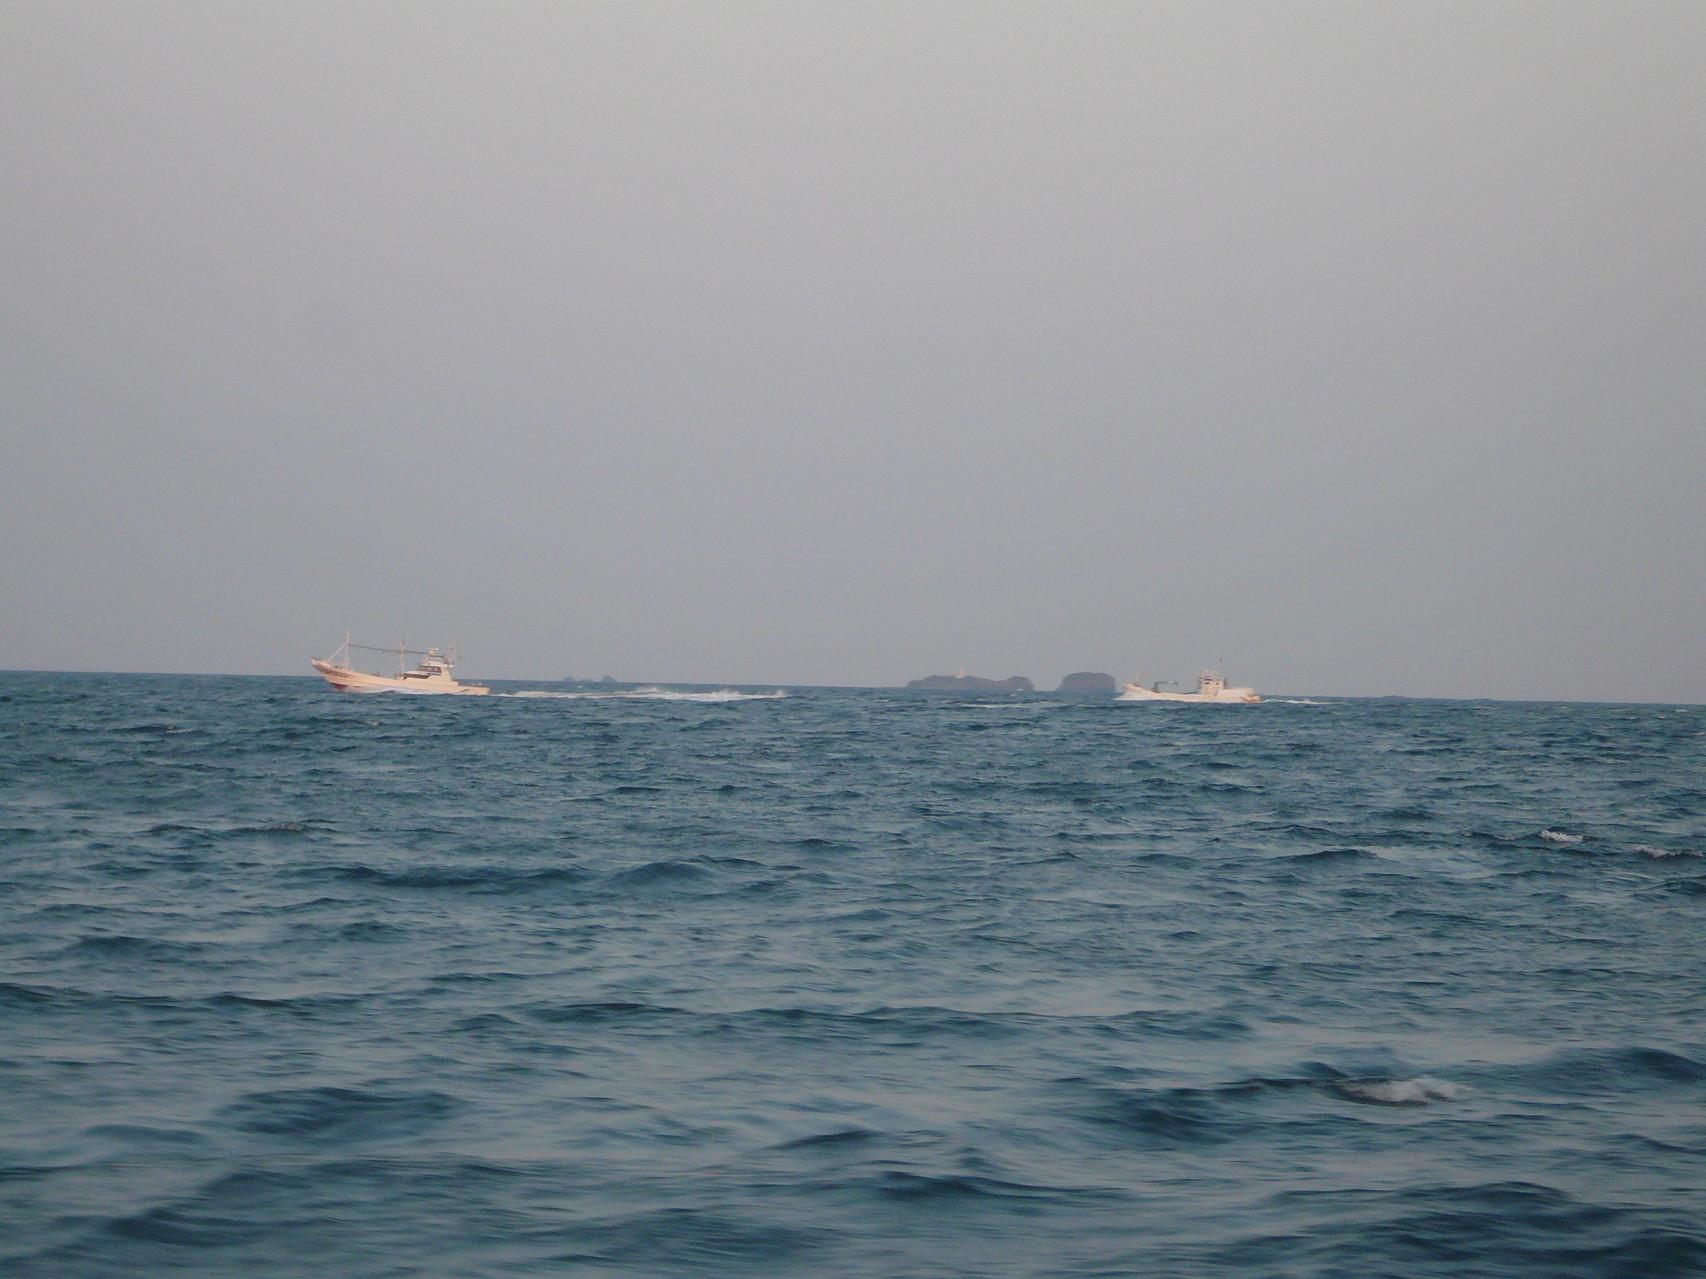 4月15日巻き網船団が帰港中 三ツ島灯台沖 灯船。運搬船ゆっくり走行中